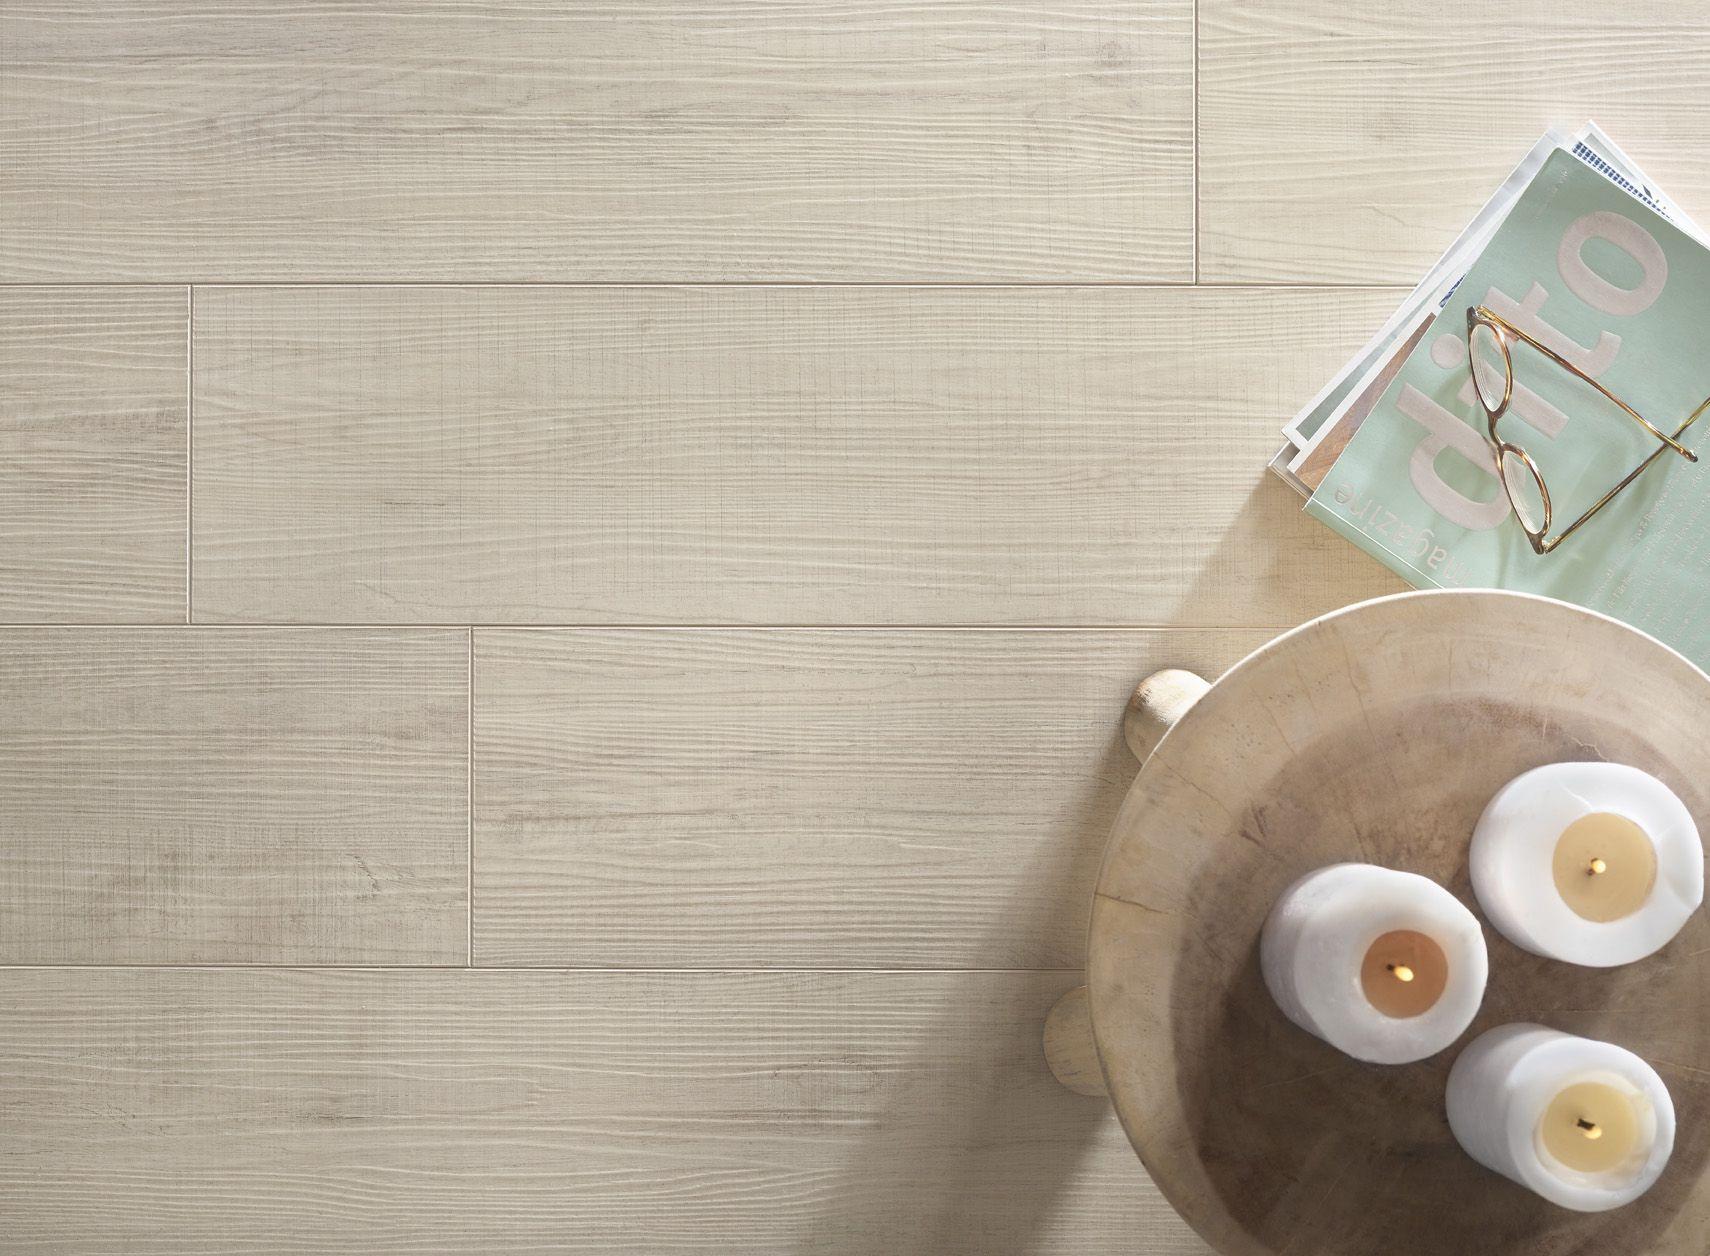 Eiken Pvc Vloer : Vloer inspiratie vloer woonkamer vloeren pvc eiken pvc vloer